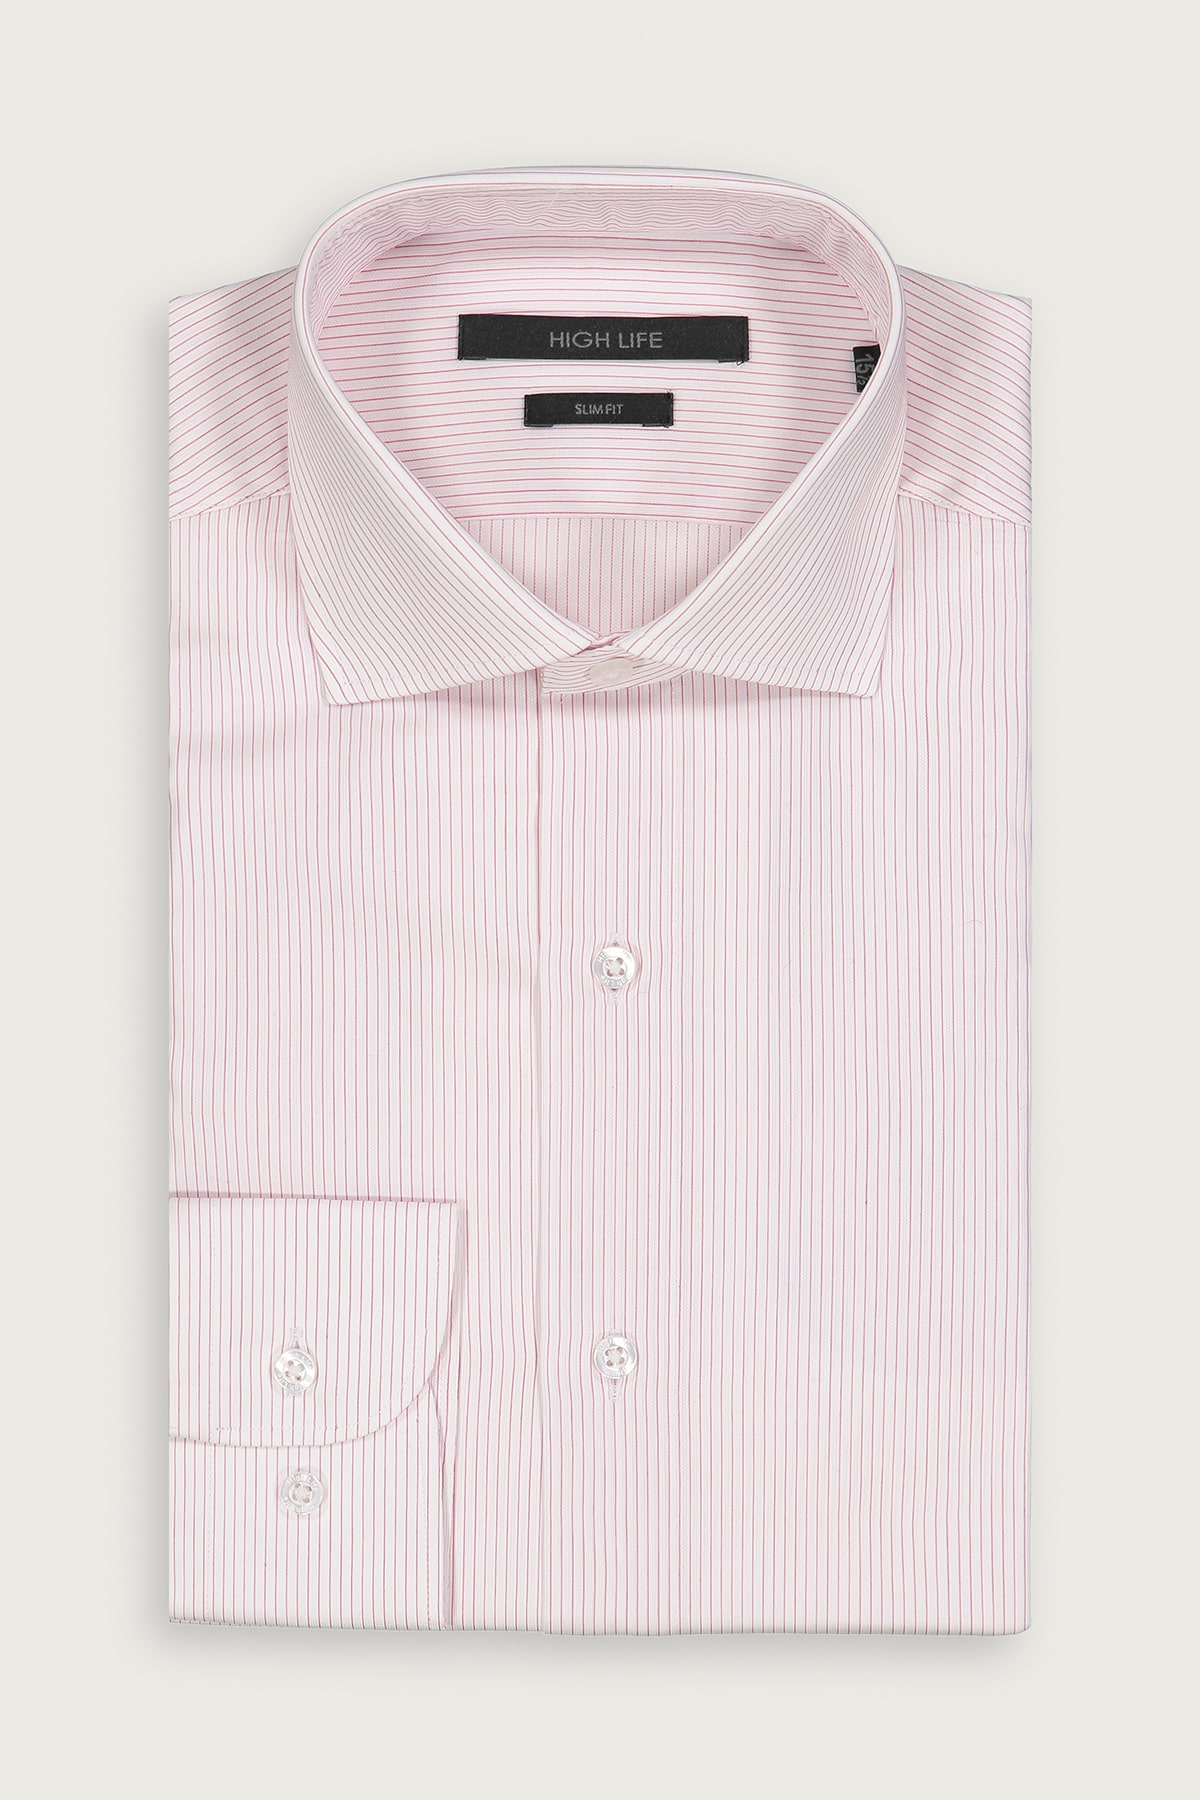 Camisa de Vestir HIGH LIFE corte Slim tejido rosa claro a rayas